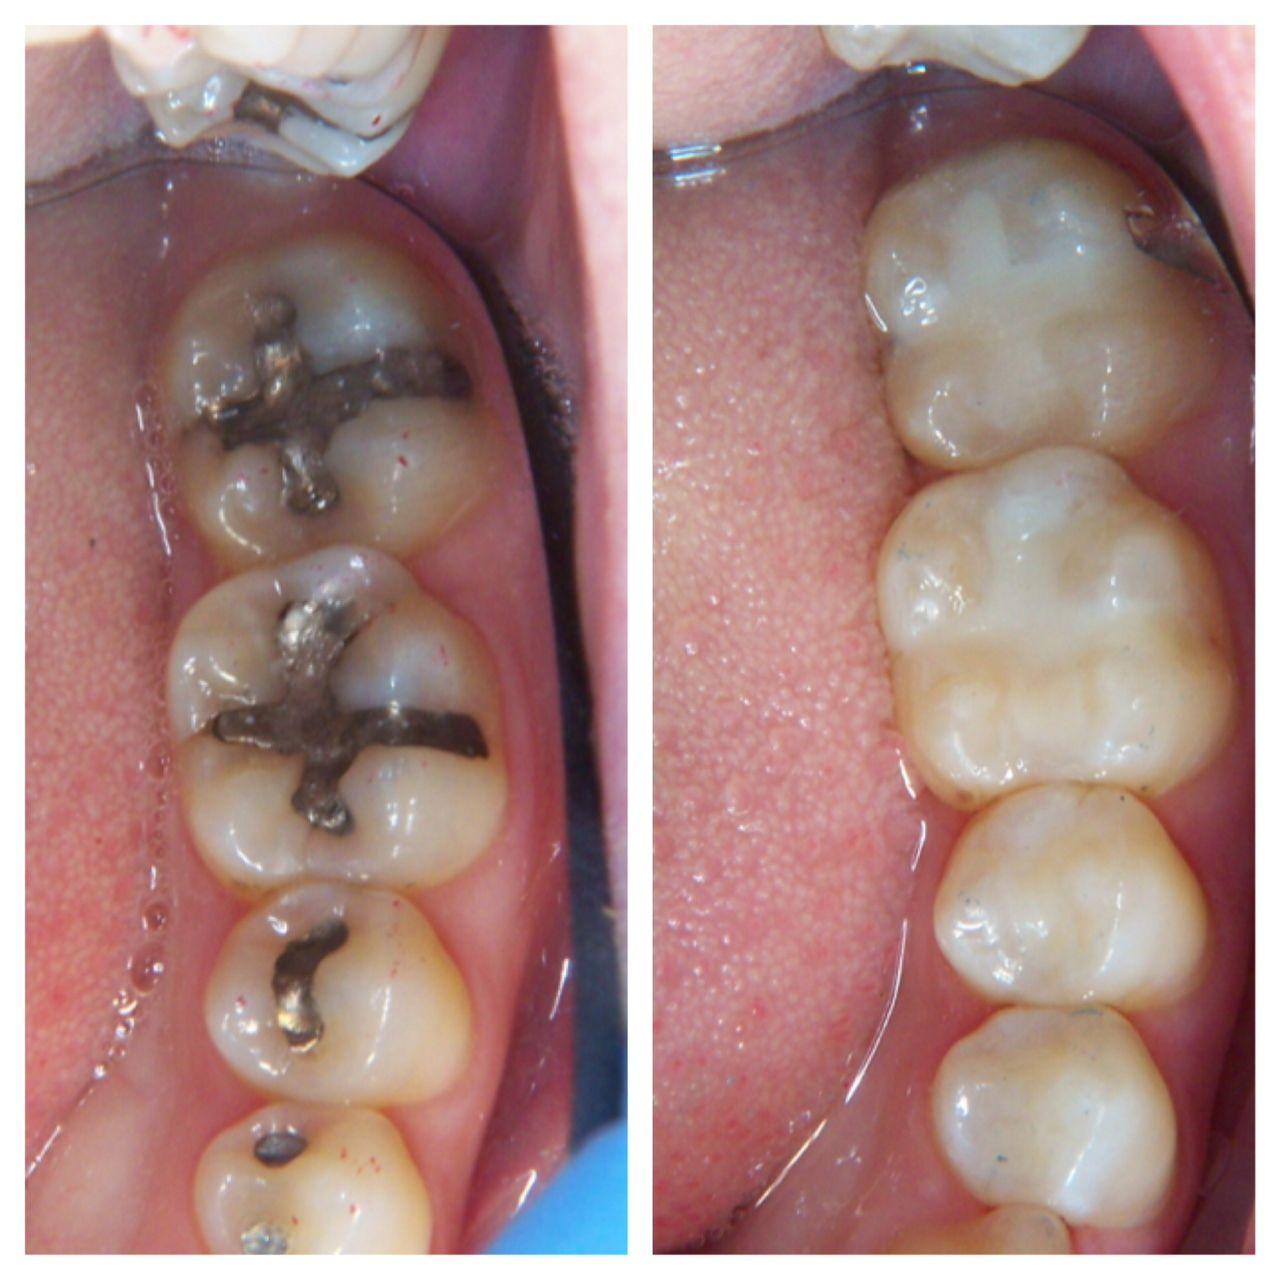 Amalgam V S Composite Fillings Dental Assistant Dental Kids Dental